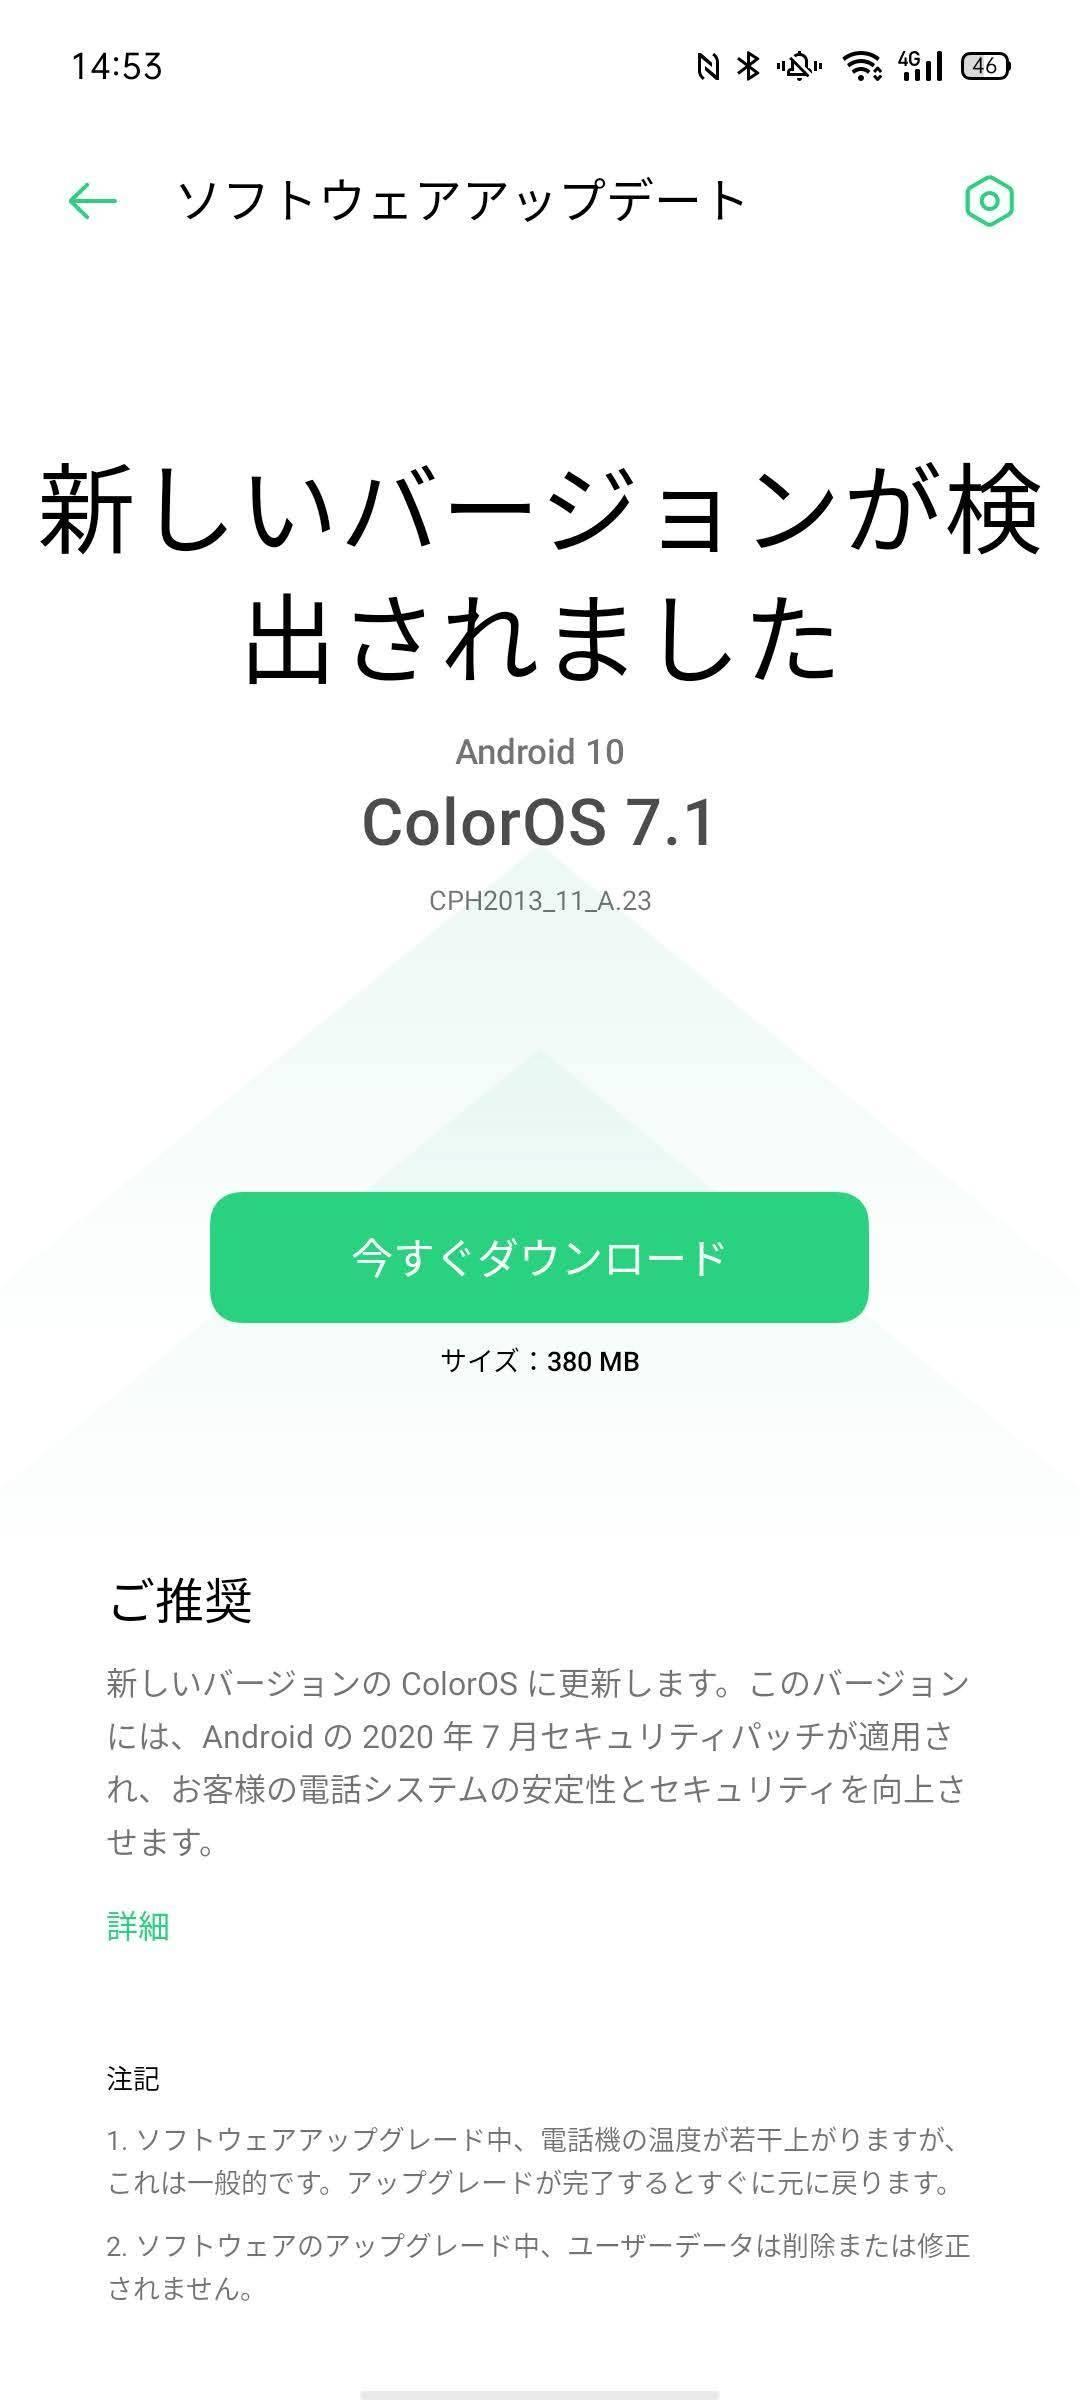 f:id:Azusa_Hirano:20200805151156j:plain